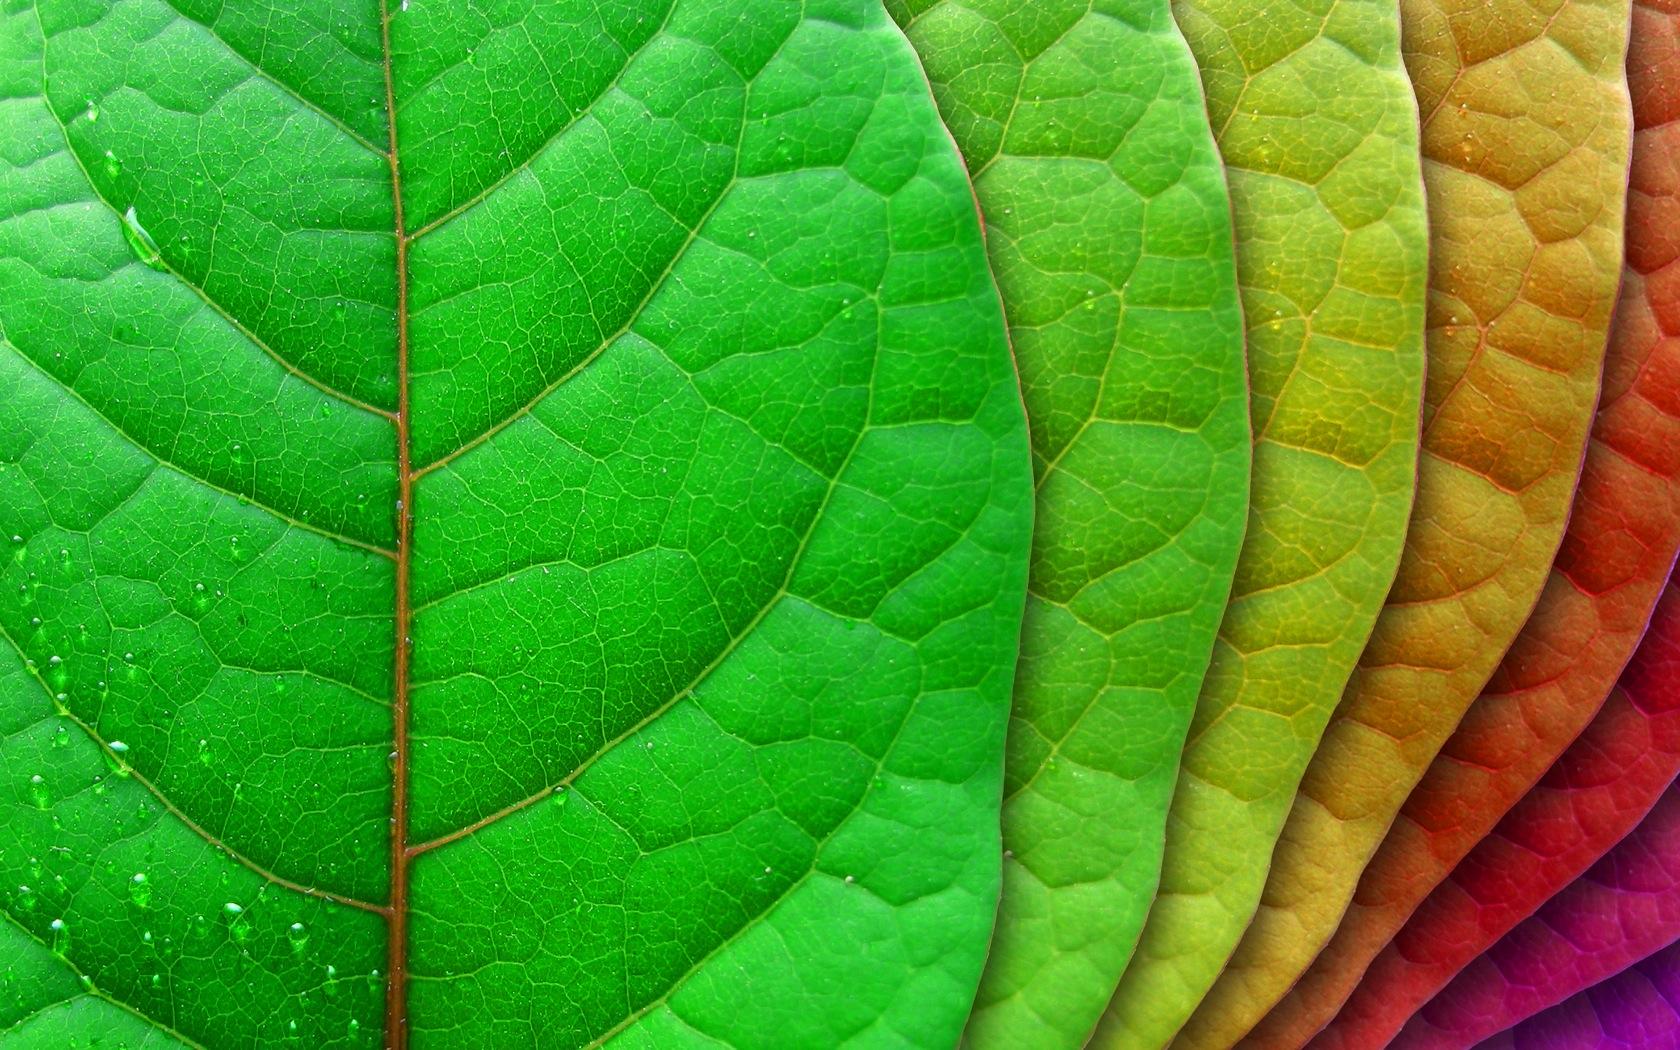 Hojas de árbol de colores - 1680x1050